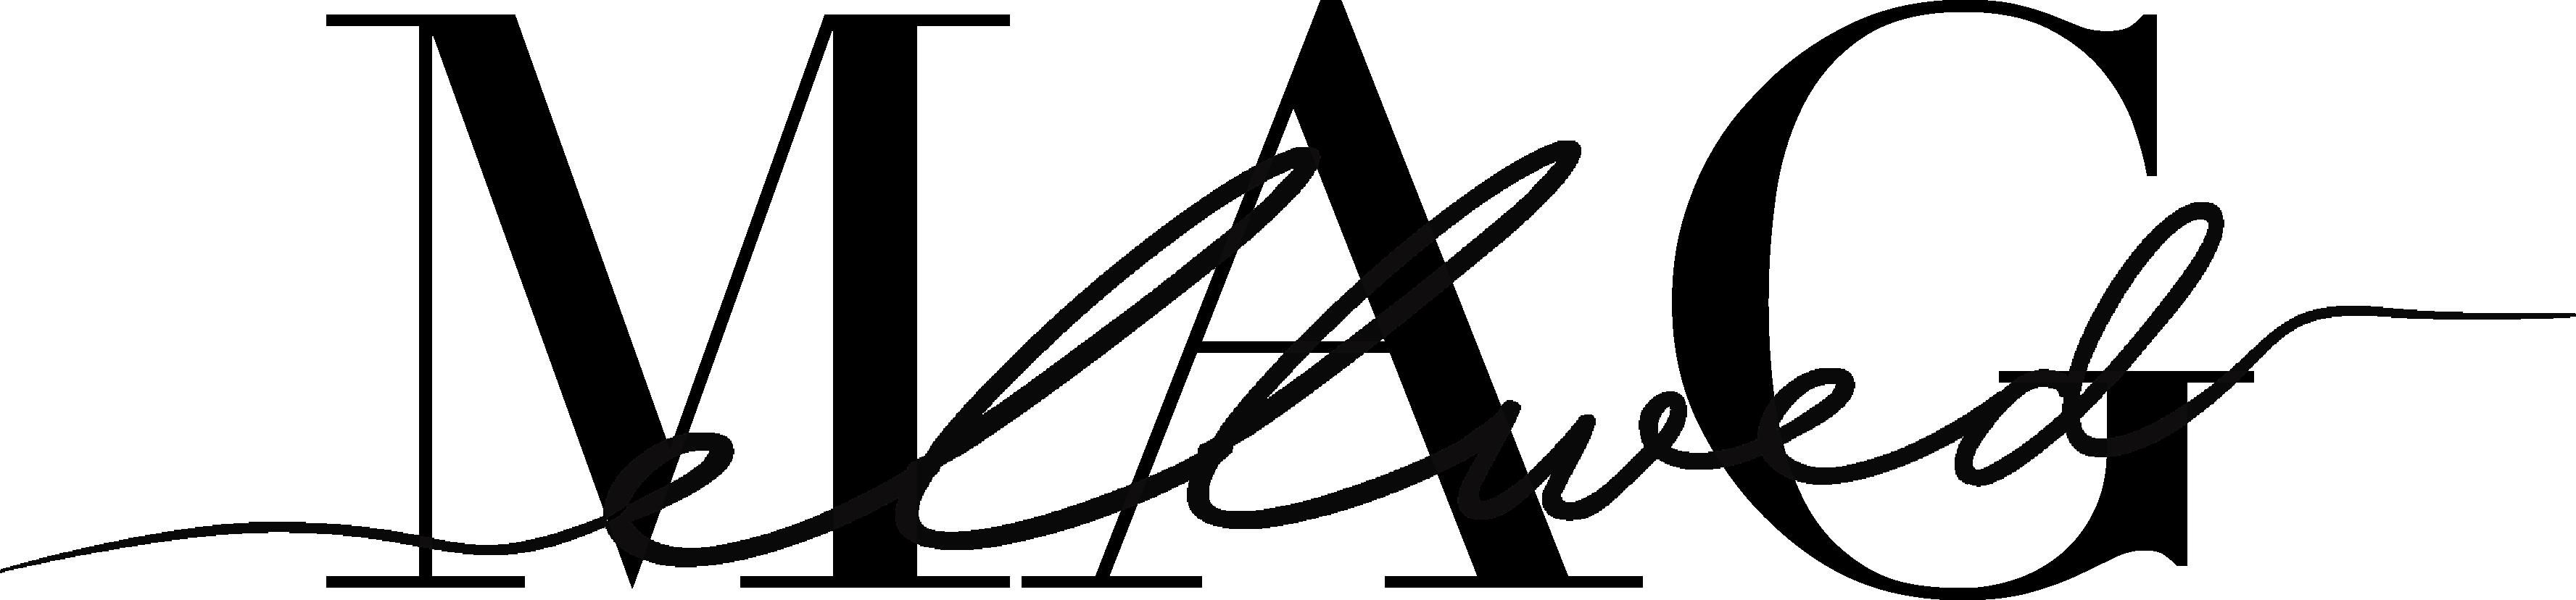 Ellwed MAG Logo in Balck